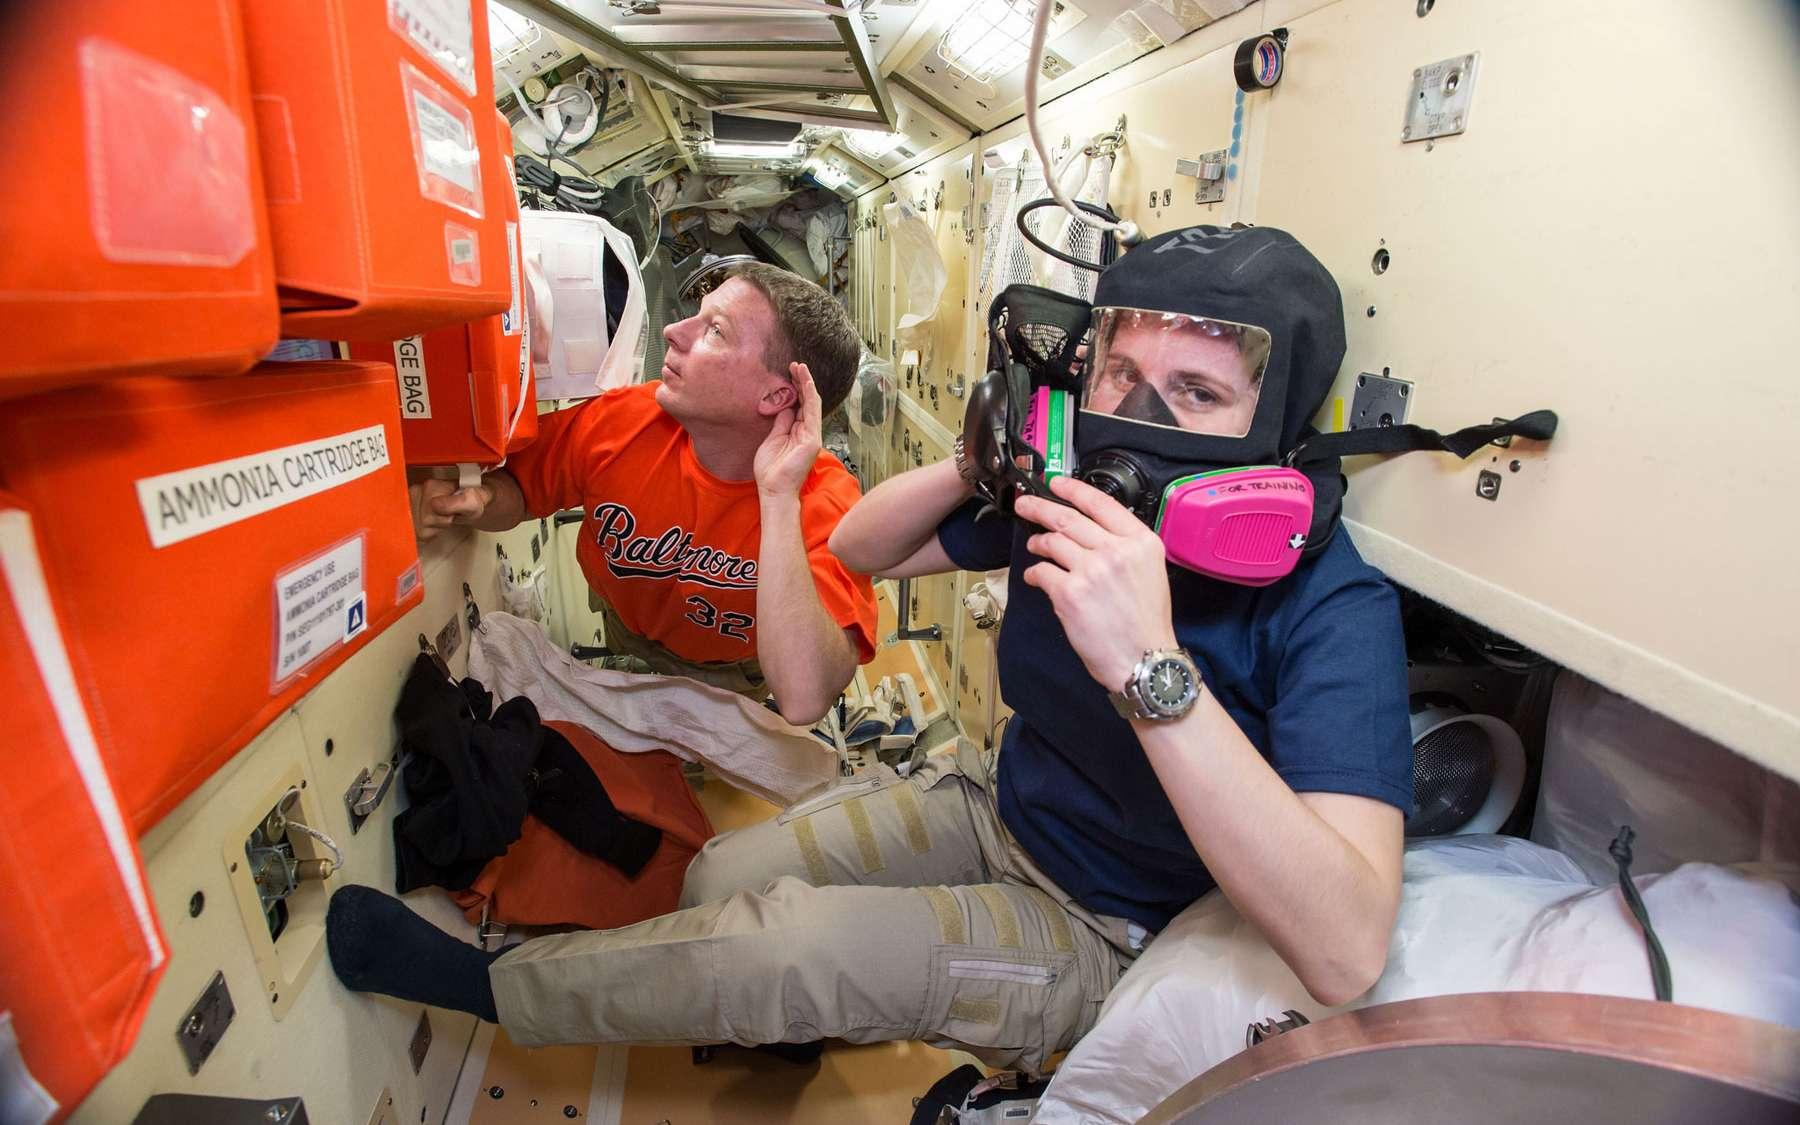 Quelques jours avant la supposée fuite d'ammoniac, l'équipage de la Station spatiale s'entraînait aux procédures de sauvegarde. © Nasa